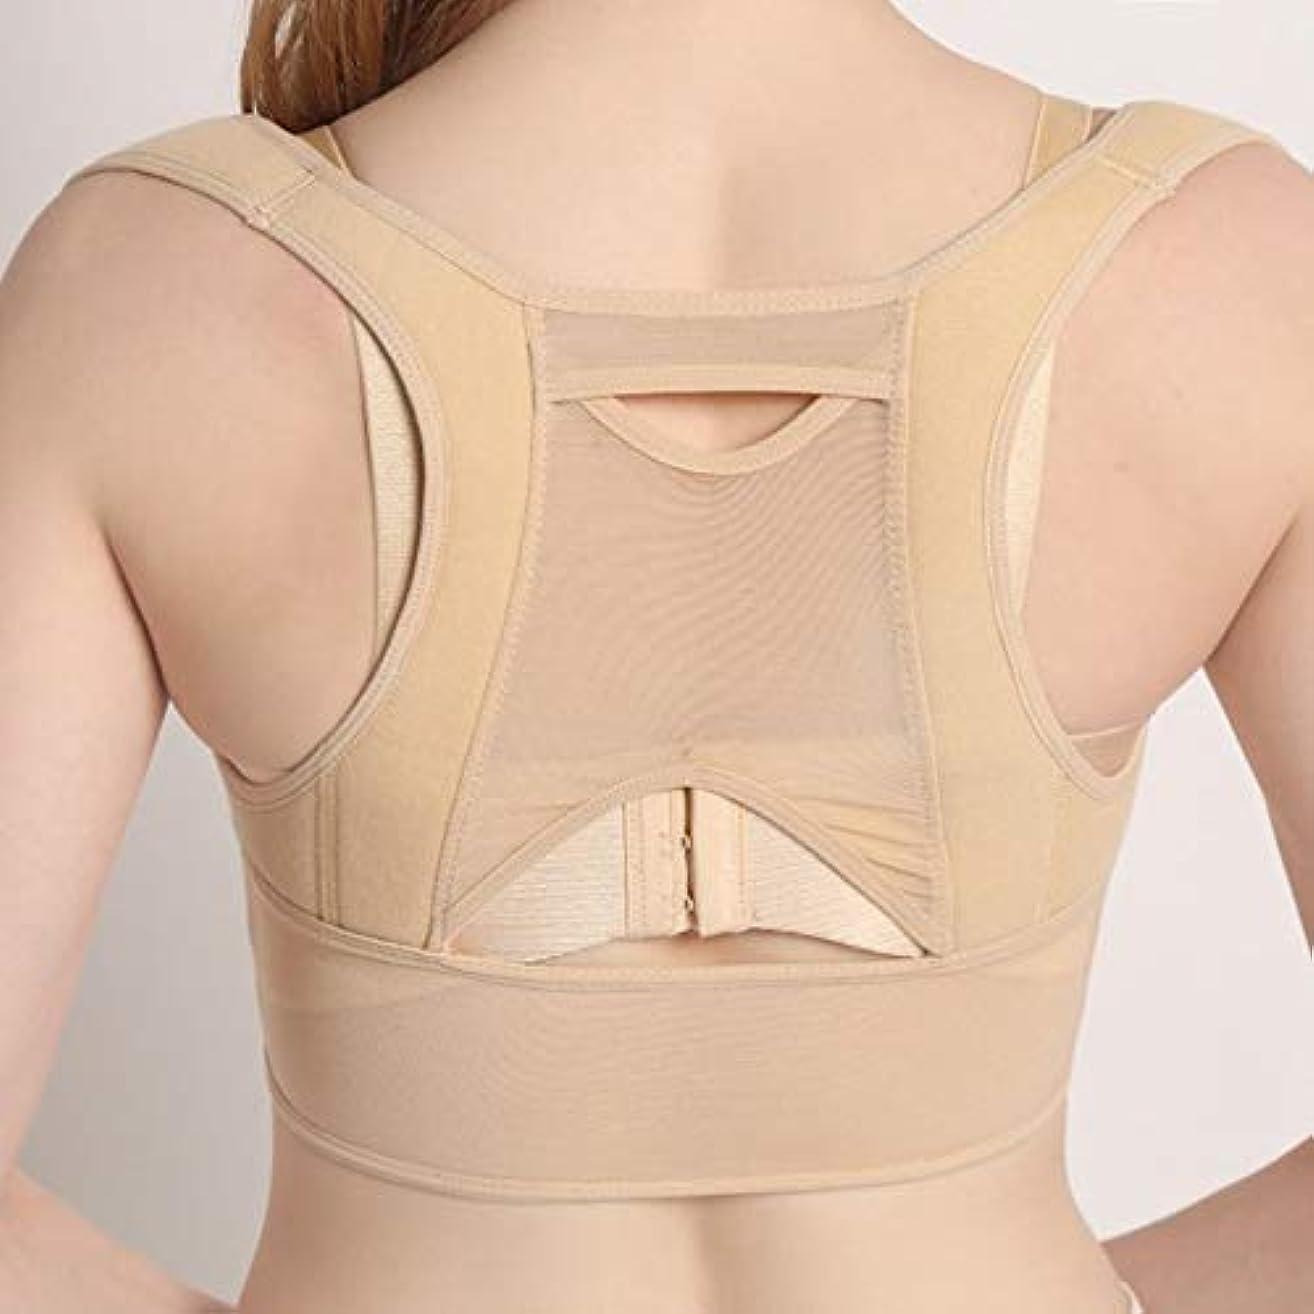 交差点リズム肩をすくめる通気性のある女性の背中の姿勢矯正コルセット整形外科の肩の背骨の姿勢矯正腰椎サポート - ベージュホワイトM